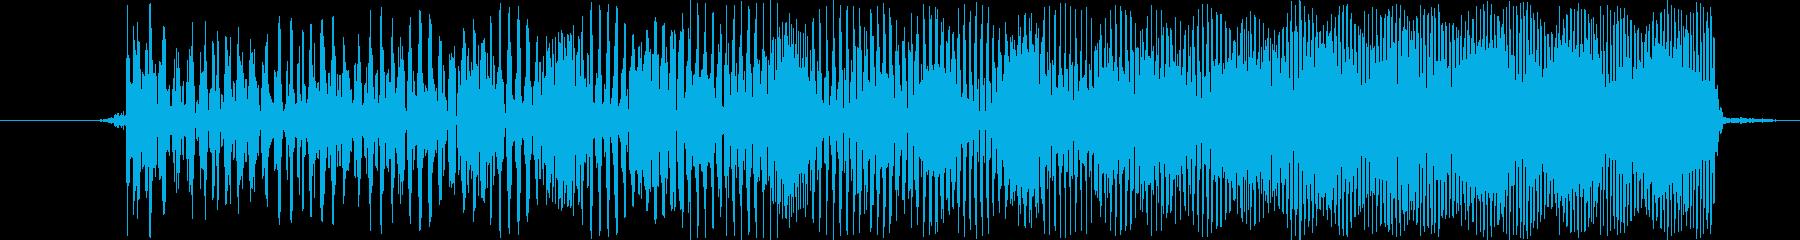 【ビー/ピュー/ビーム/サイバー武器】の再生済みの波形